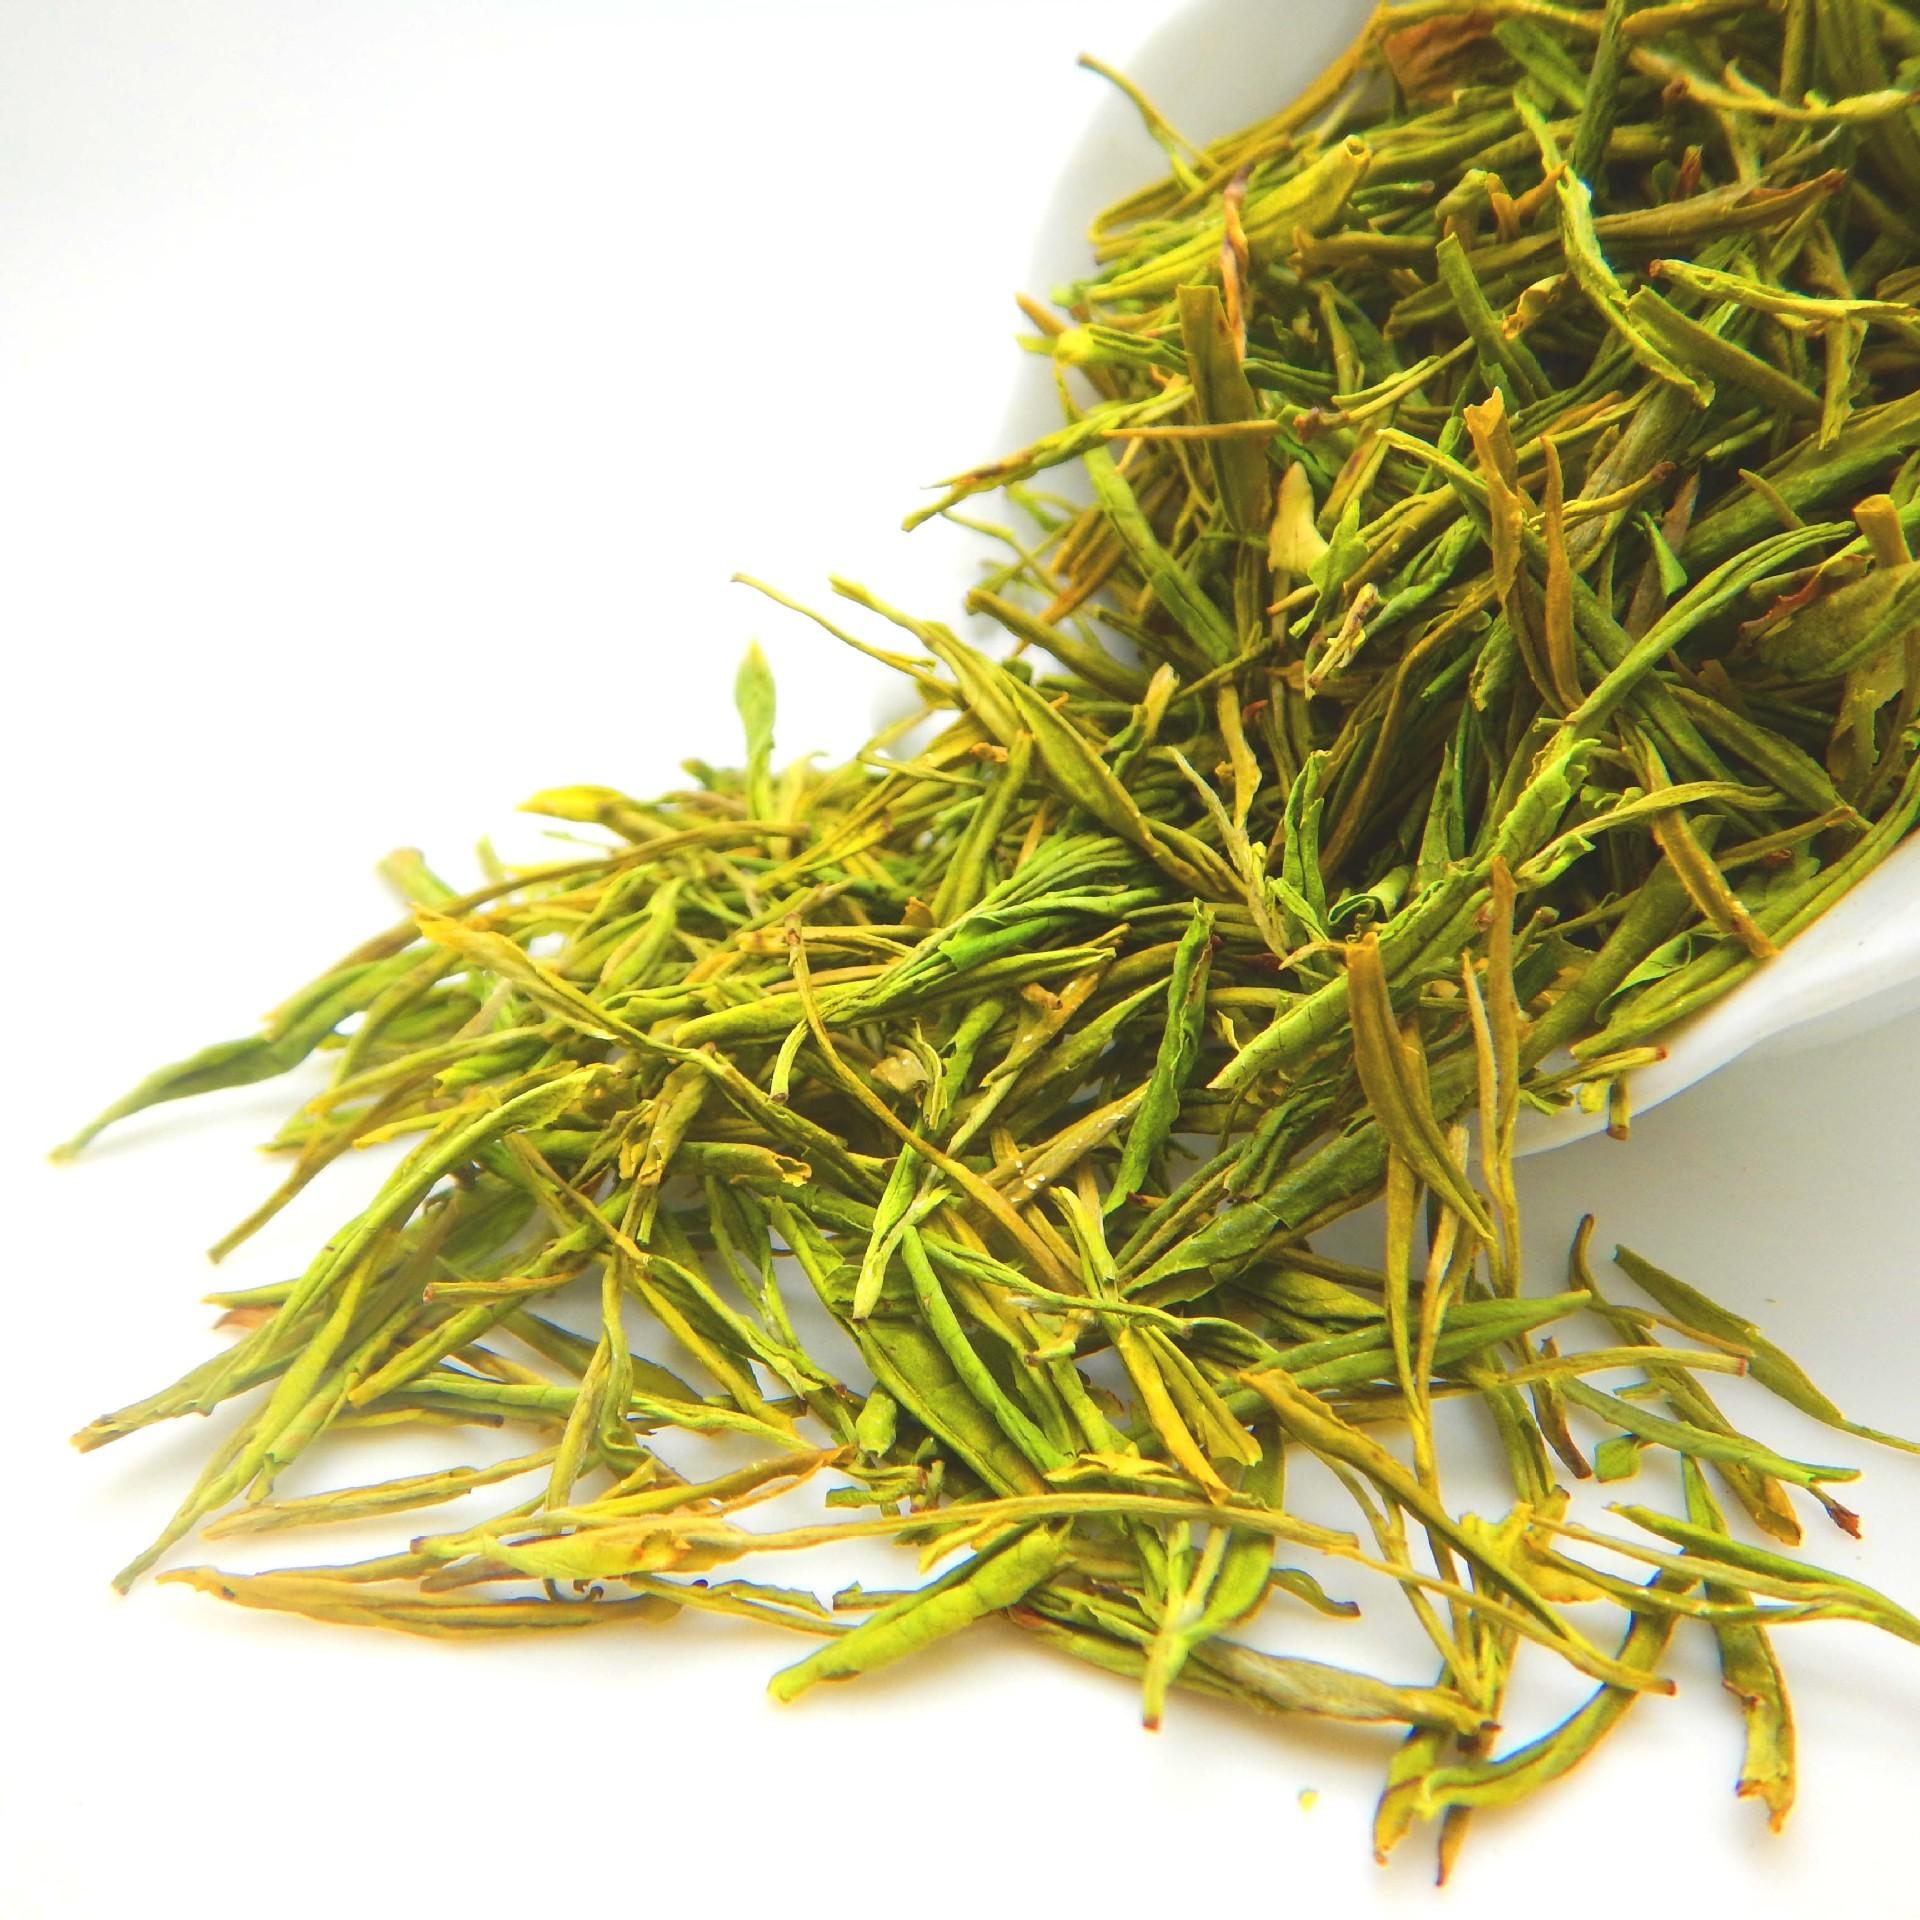 批发特级明前安吉黄金白茶 凤型黄金芽 黄金茶原产地